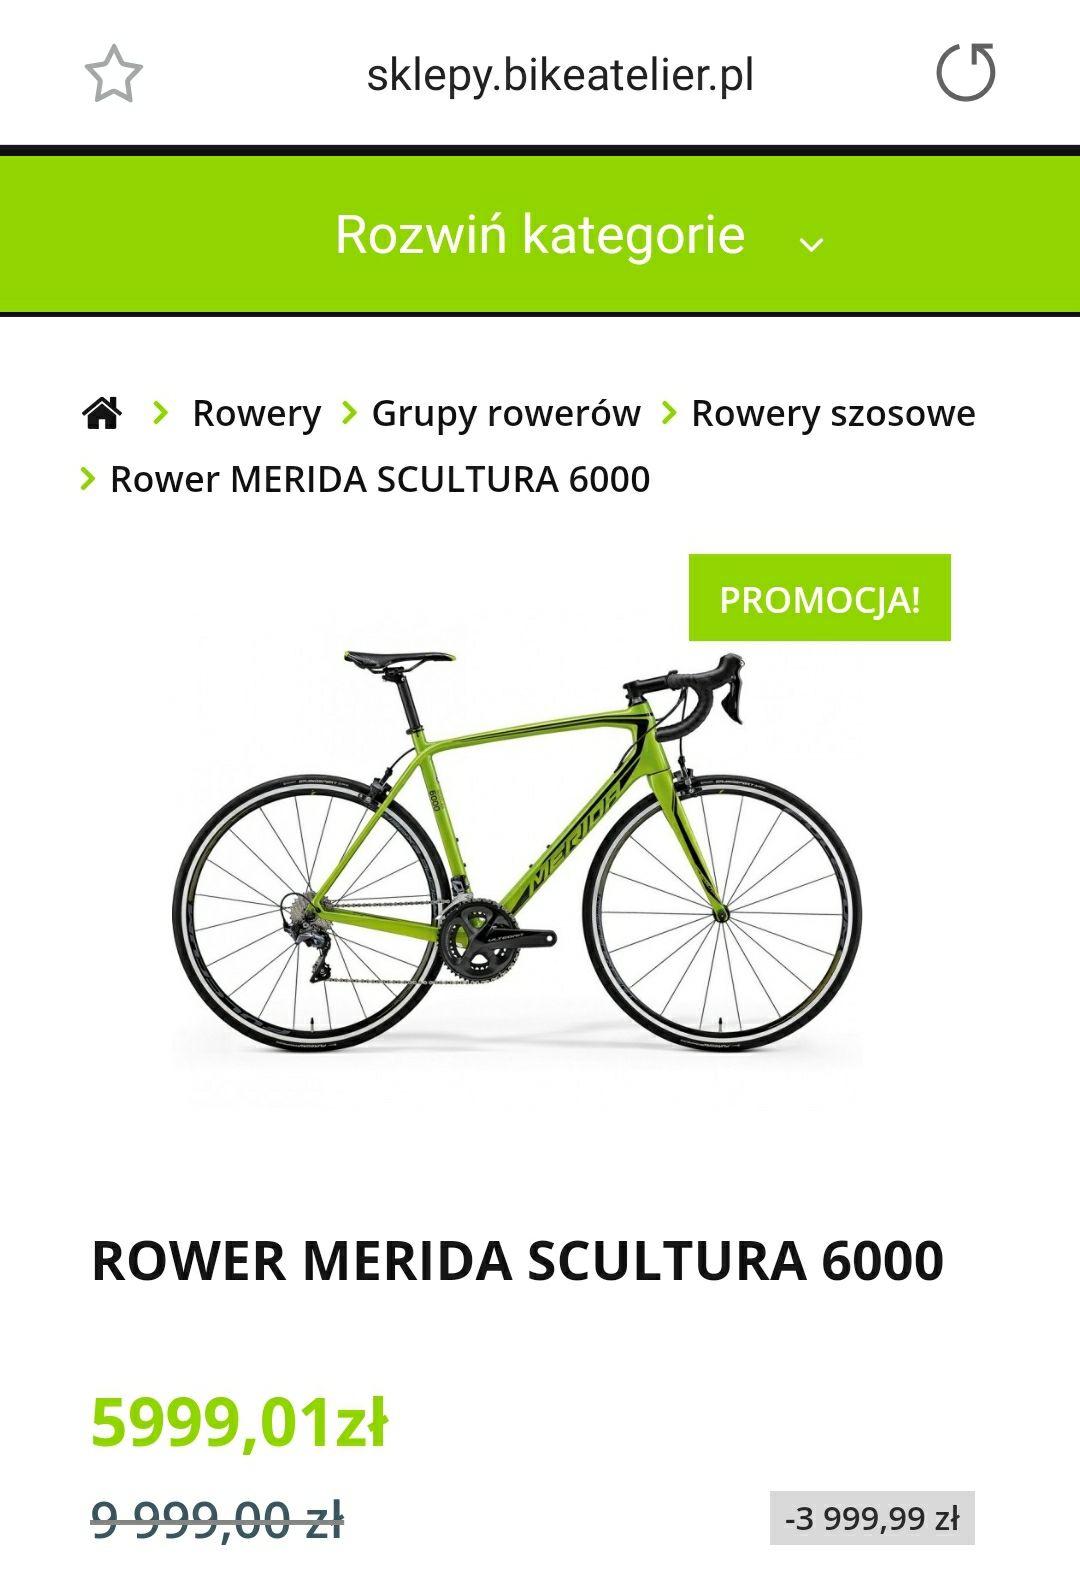 Rower szosowy Merida Scultura 6000, rozmiar L, kolekcja 2018